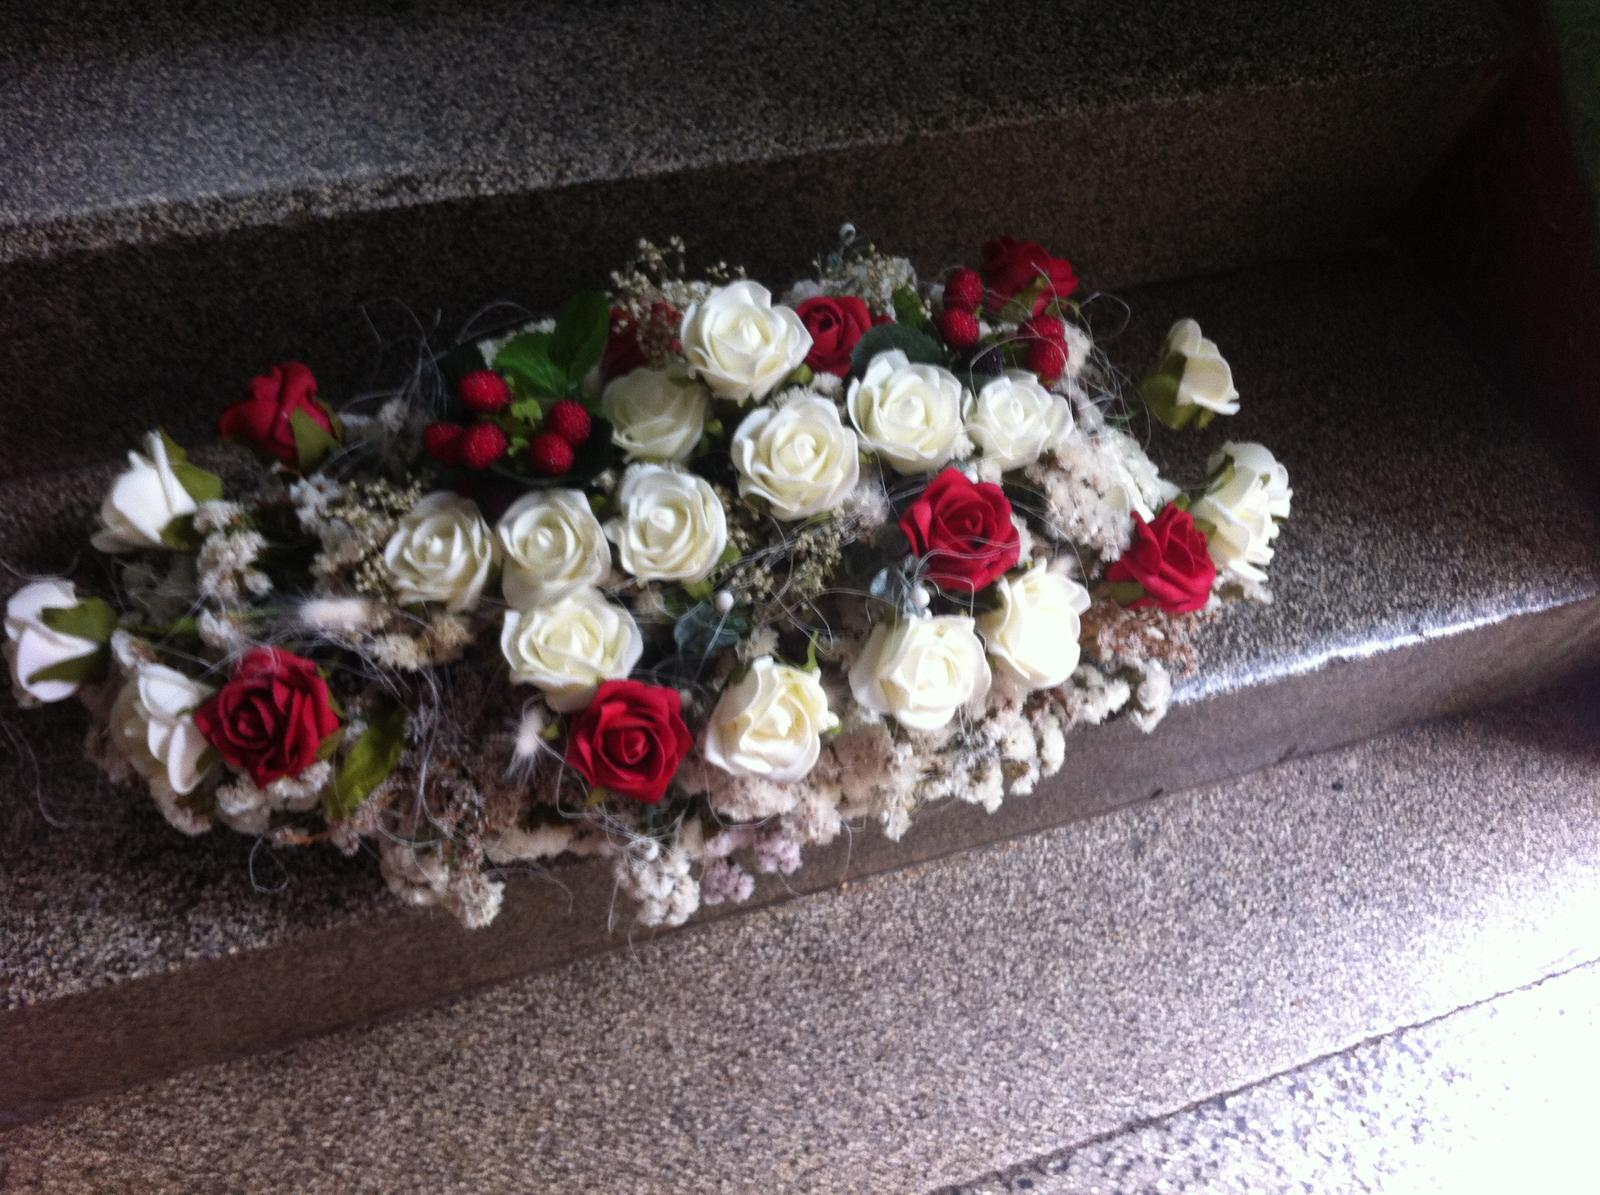 Netradiční svatební kytice - pěnové růžičky + polštářky pod prstýnky, košíčky - Obrázek č. 74